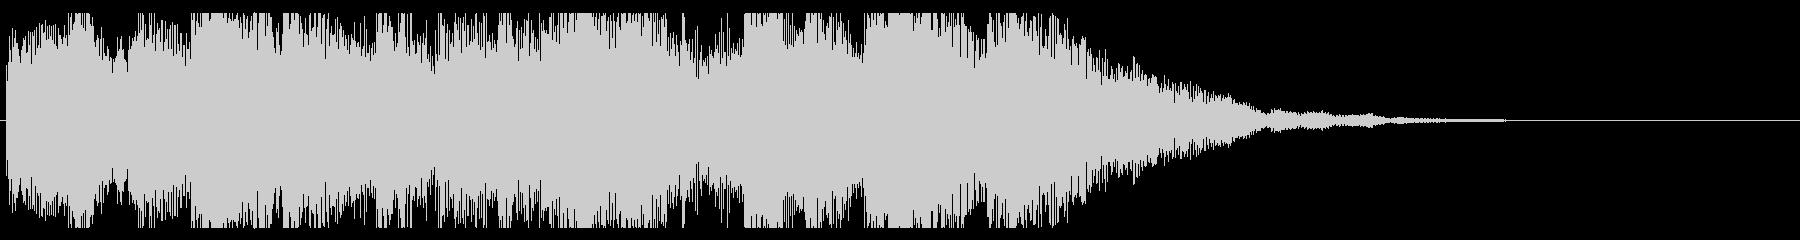 ミステリアスなピアノのジングル の未再生の波形